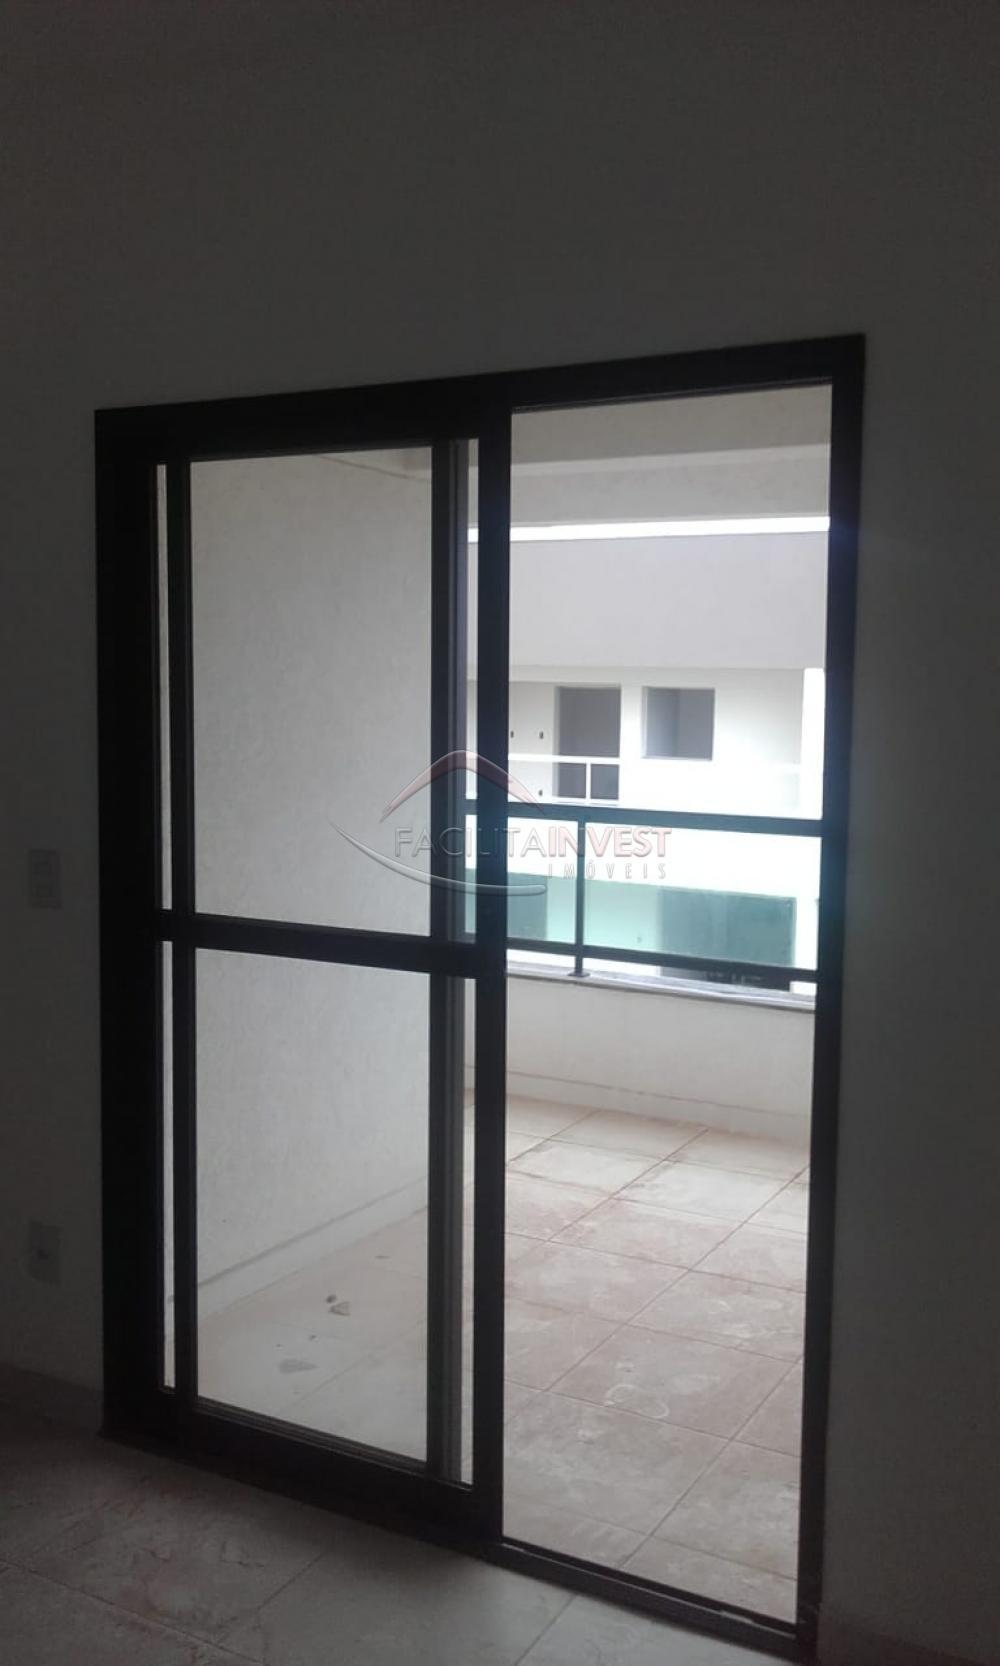 Comprar Apartamentos / Apart. Padrão em Ribeirão Preto apenas R$ 340.000,00 - Foto 1